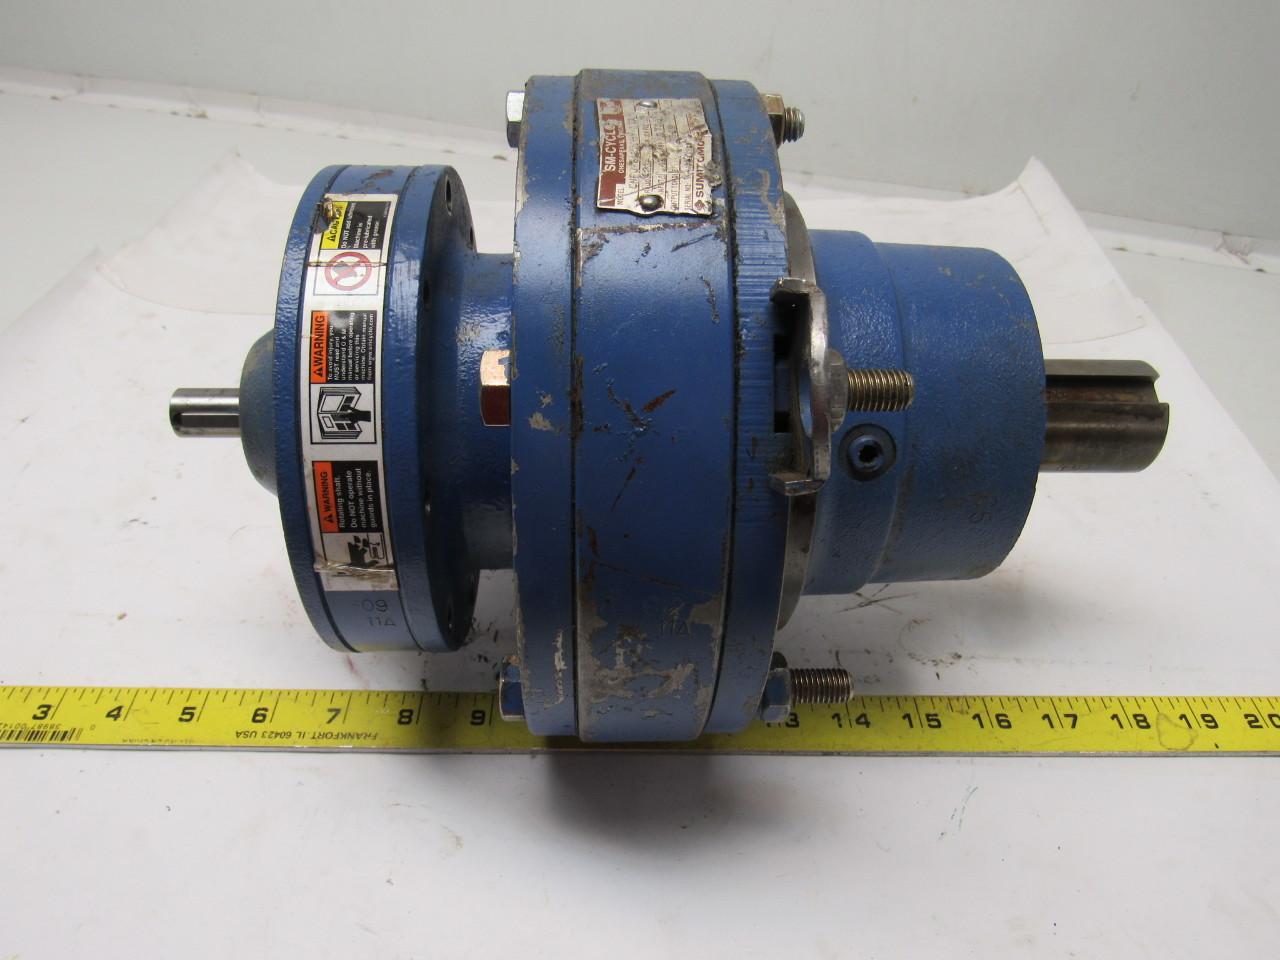 Sumitomo SM-Cyclo CNFJ-6123DBY-121 Inline Gear Reducer 121:1 Ratio 1.41 Hp